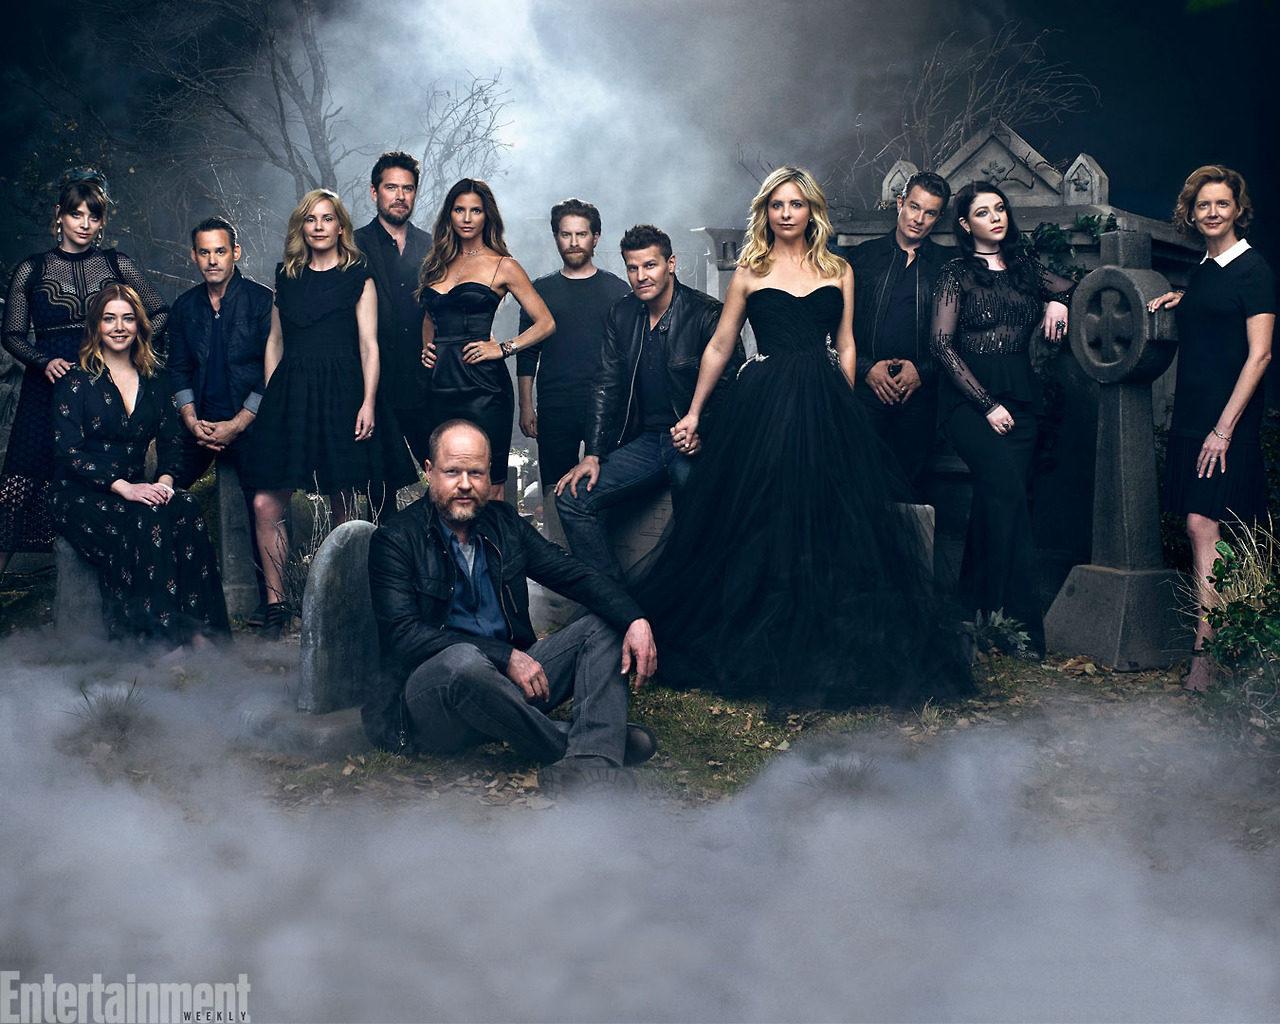 Reunión de Buffy, cazavampiros